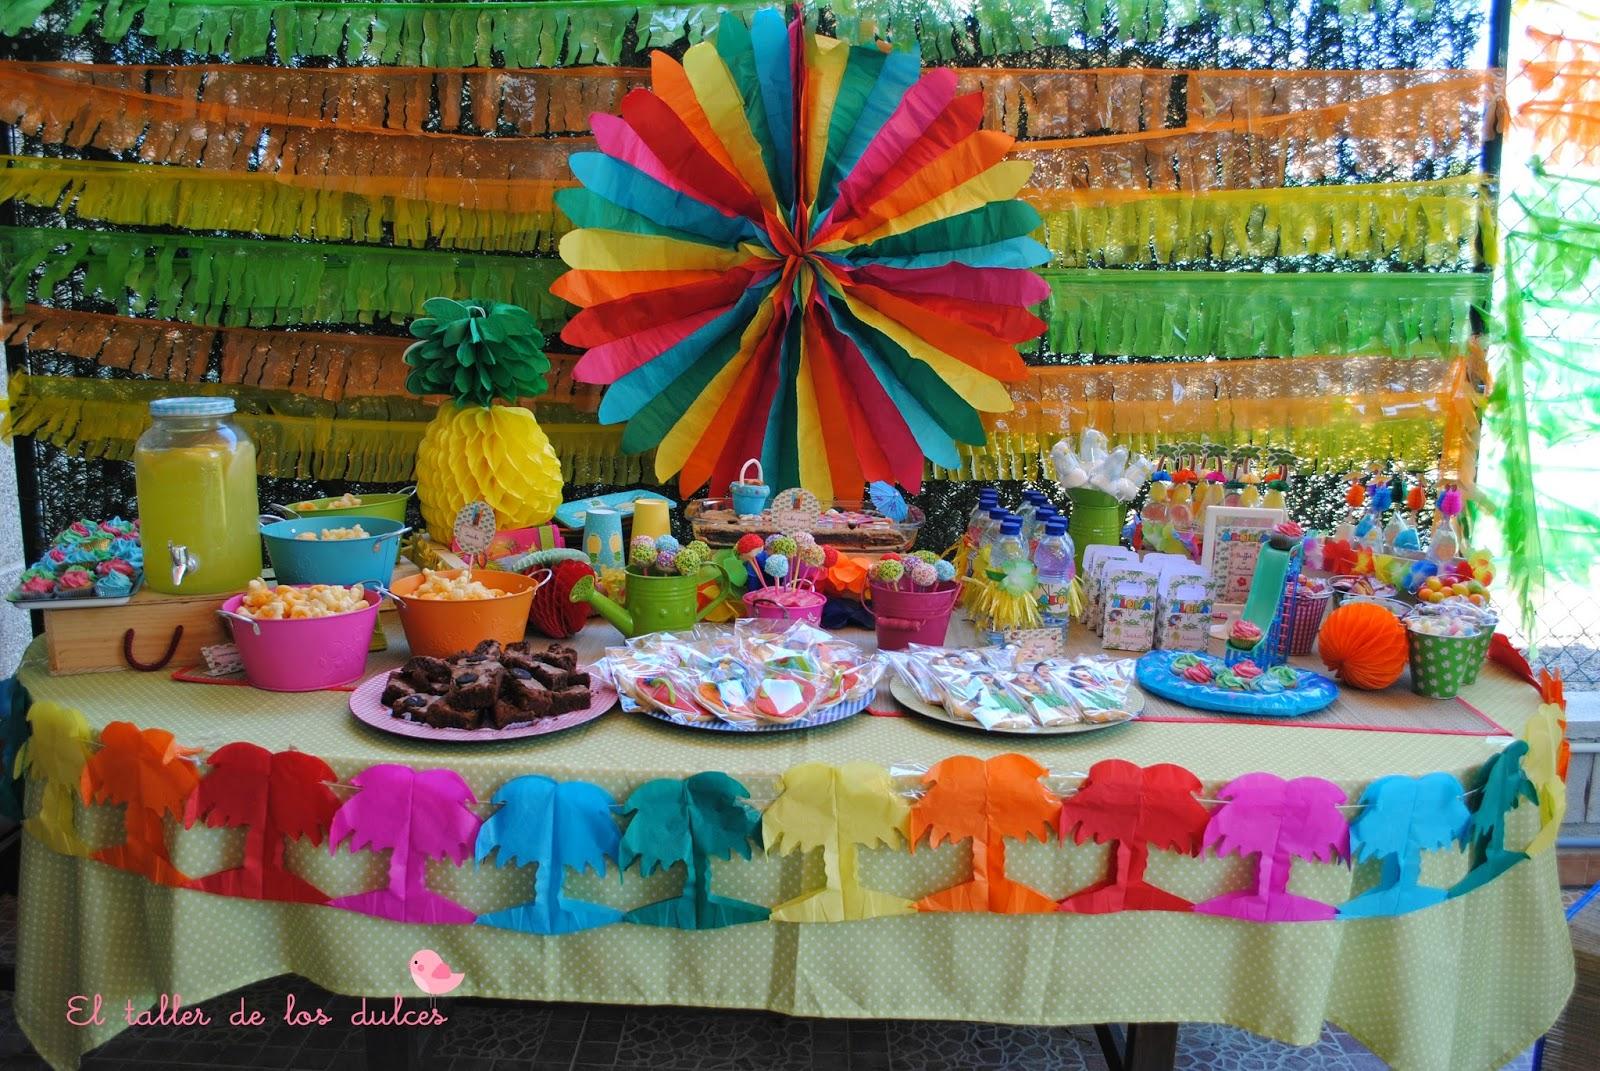 Decoracion Hawaiana Manualidades ~ Cuando pensamos en Hawai pensamos en mucho colorido, as? que buscamos